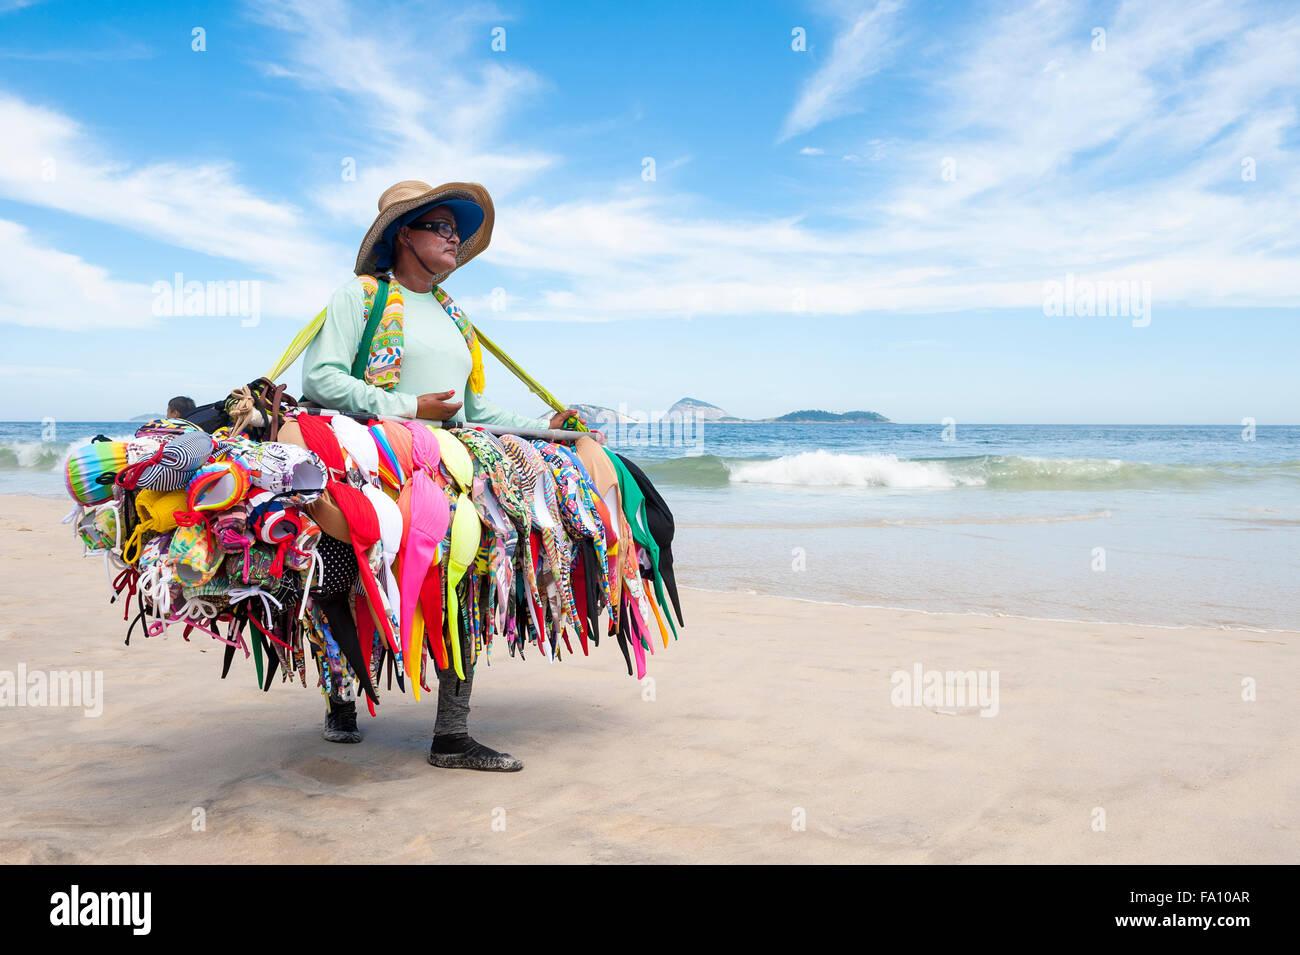 RIO DE JANEIRO, Brasile - 15 Marzo 2015: una spiaggia venditore a vendere bikini porta la sua merce lungo la spiaggia Immagini Stock